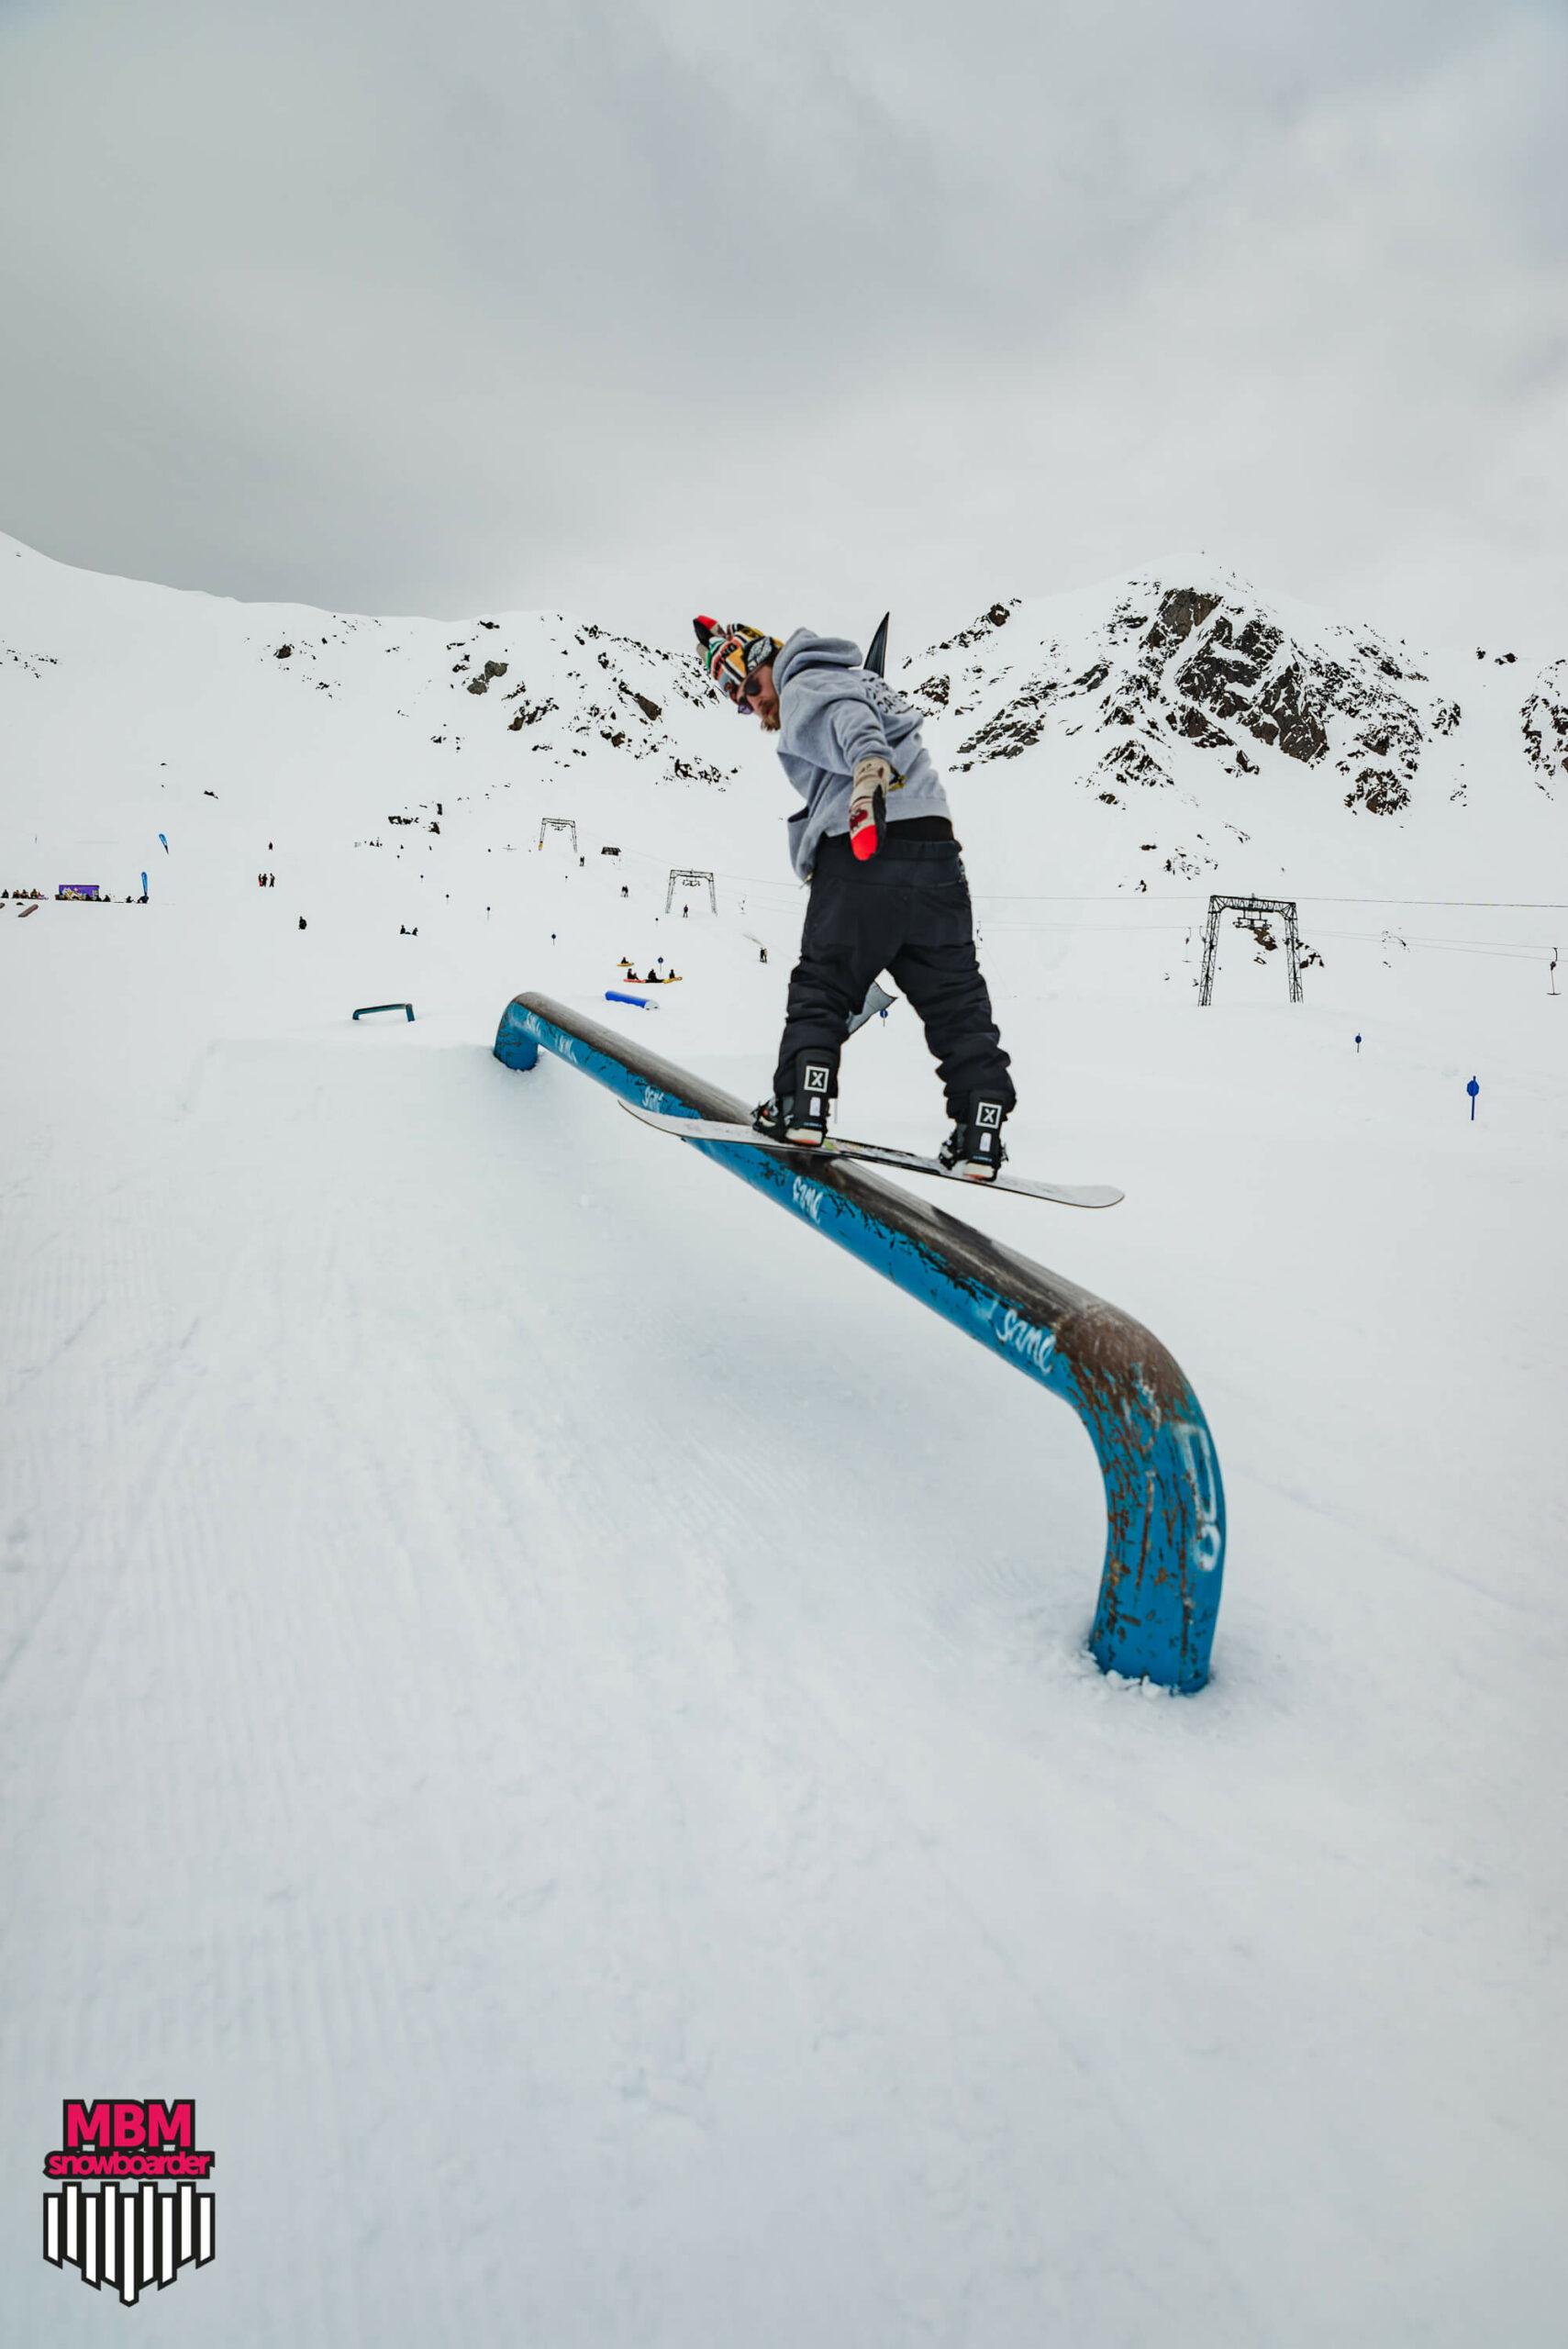 snowboarderMBM_sd_kaunertal_037